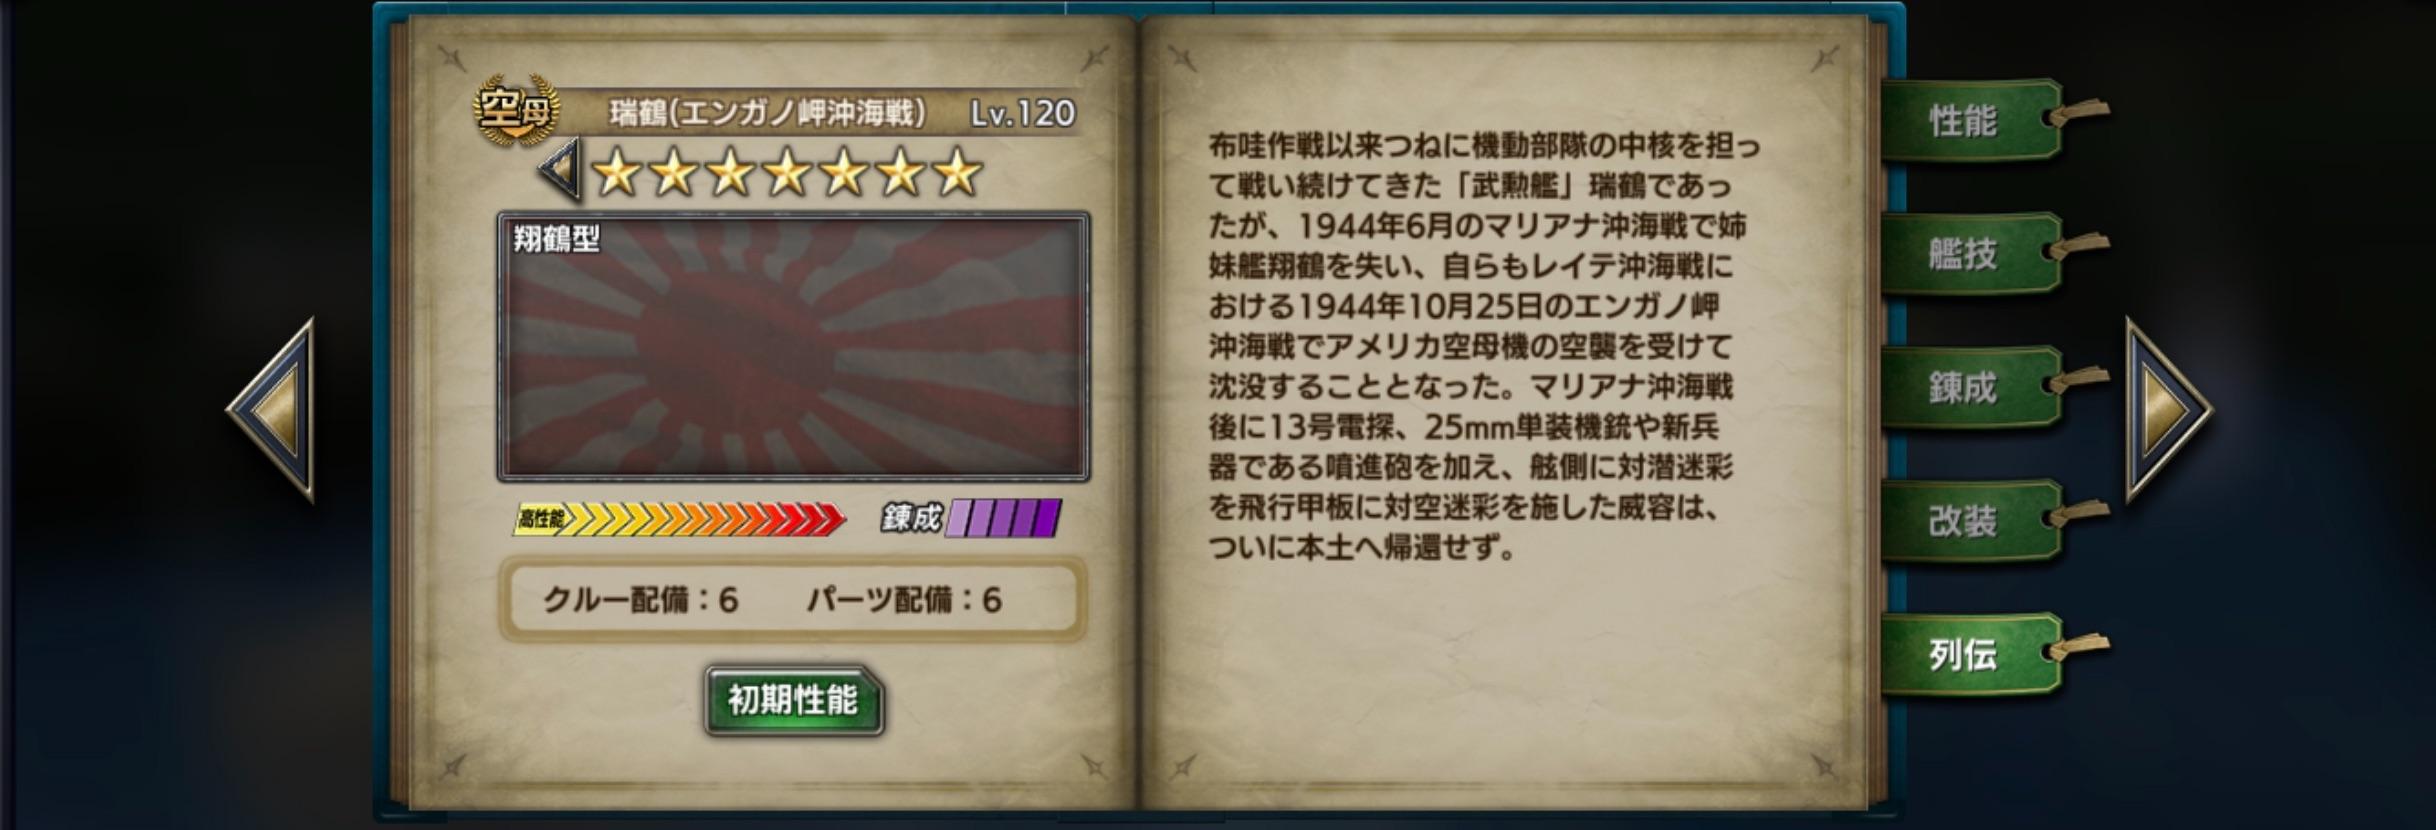 Zuikaku-history